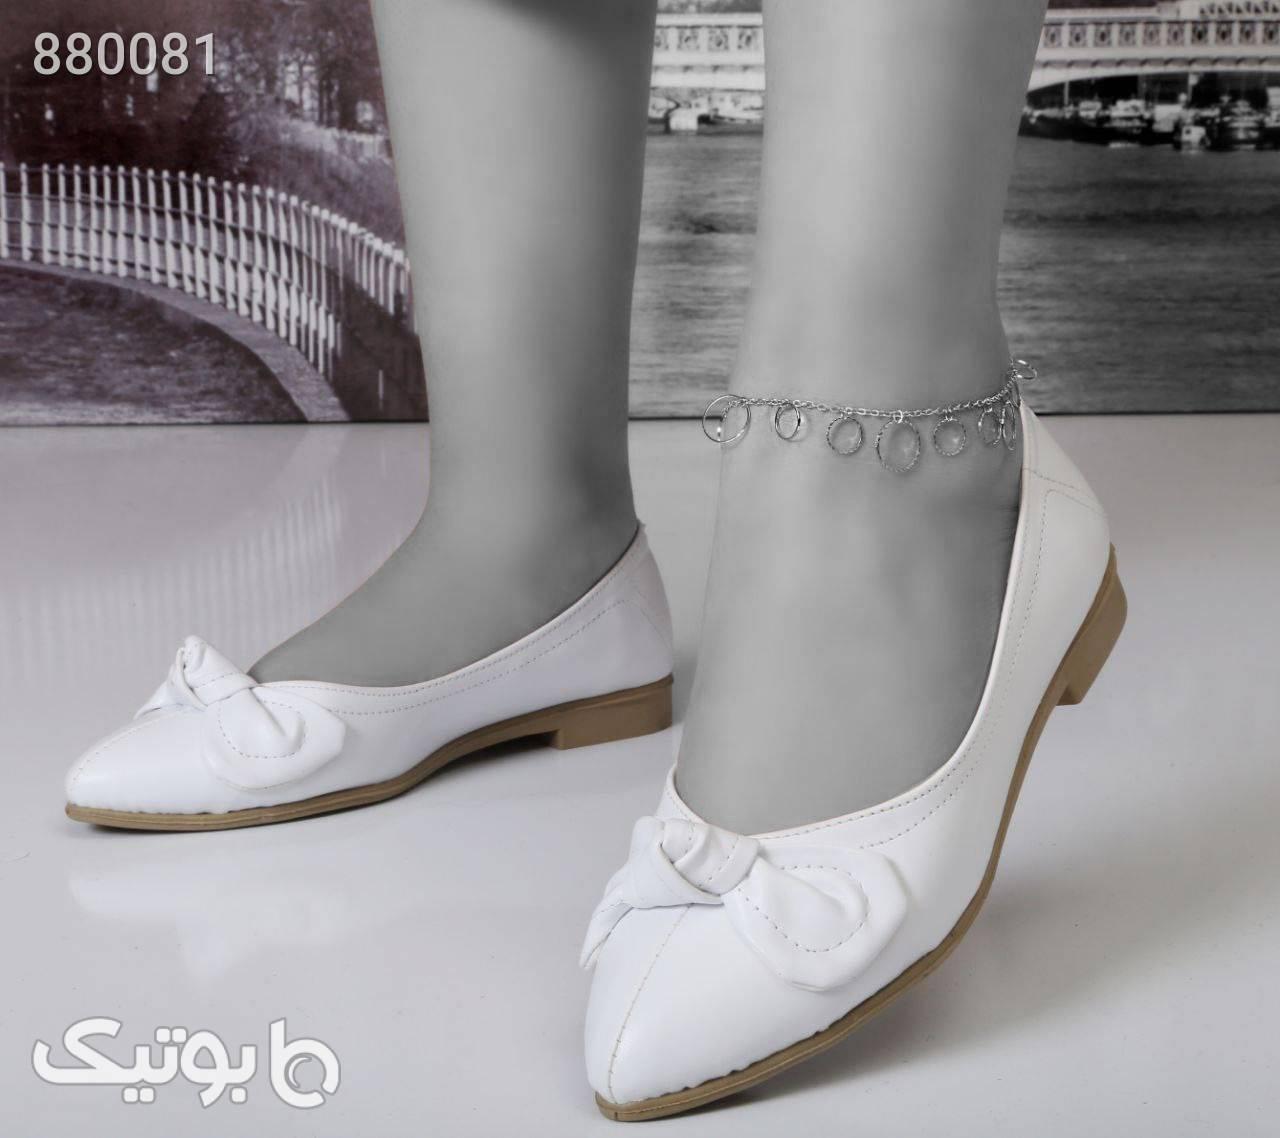 کفش عروسکی کانکو، زیره راحت و رویه نرم مشکی کفش تخت زنانه